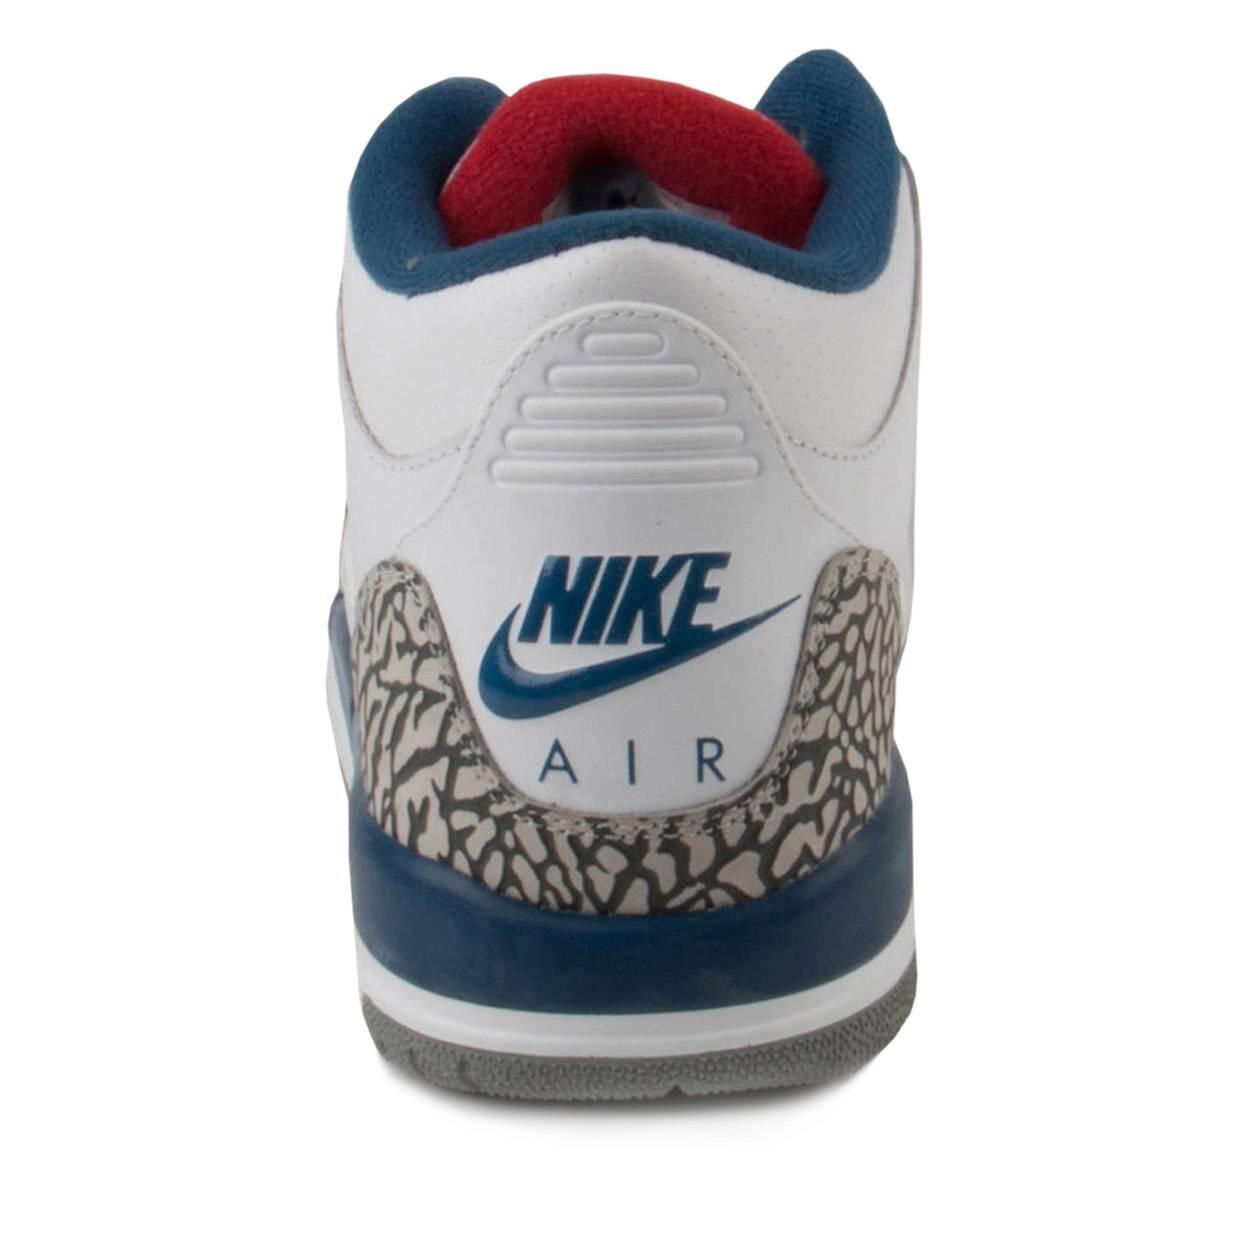 778a3114d1e Nike Boys Air Jordan 3 Retro OG BG